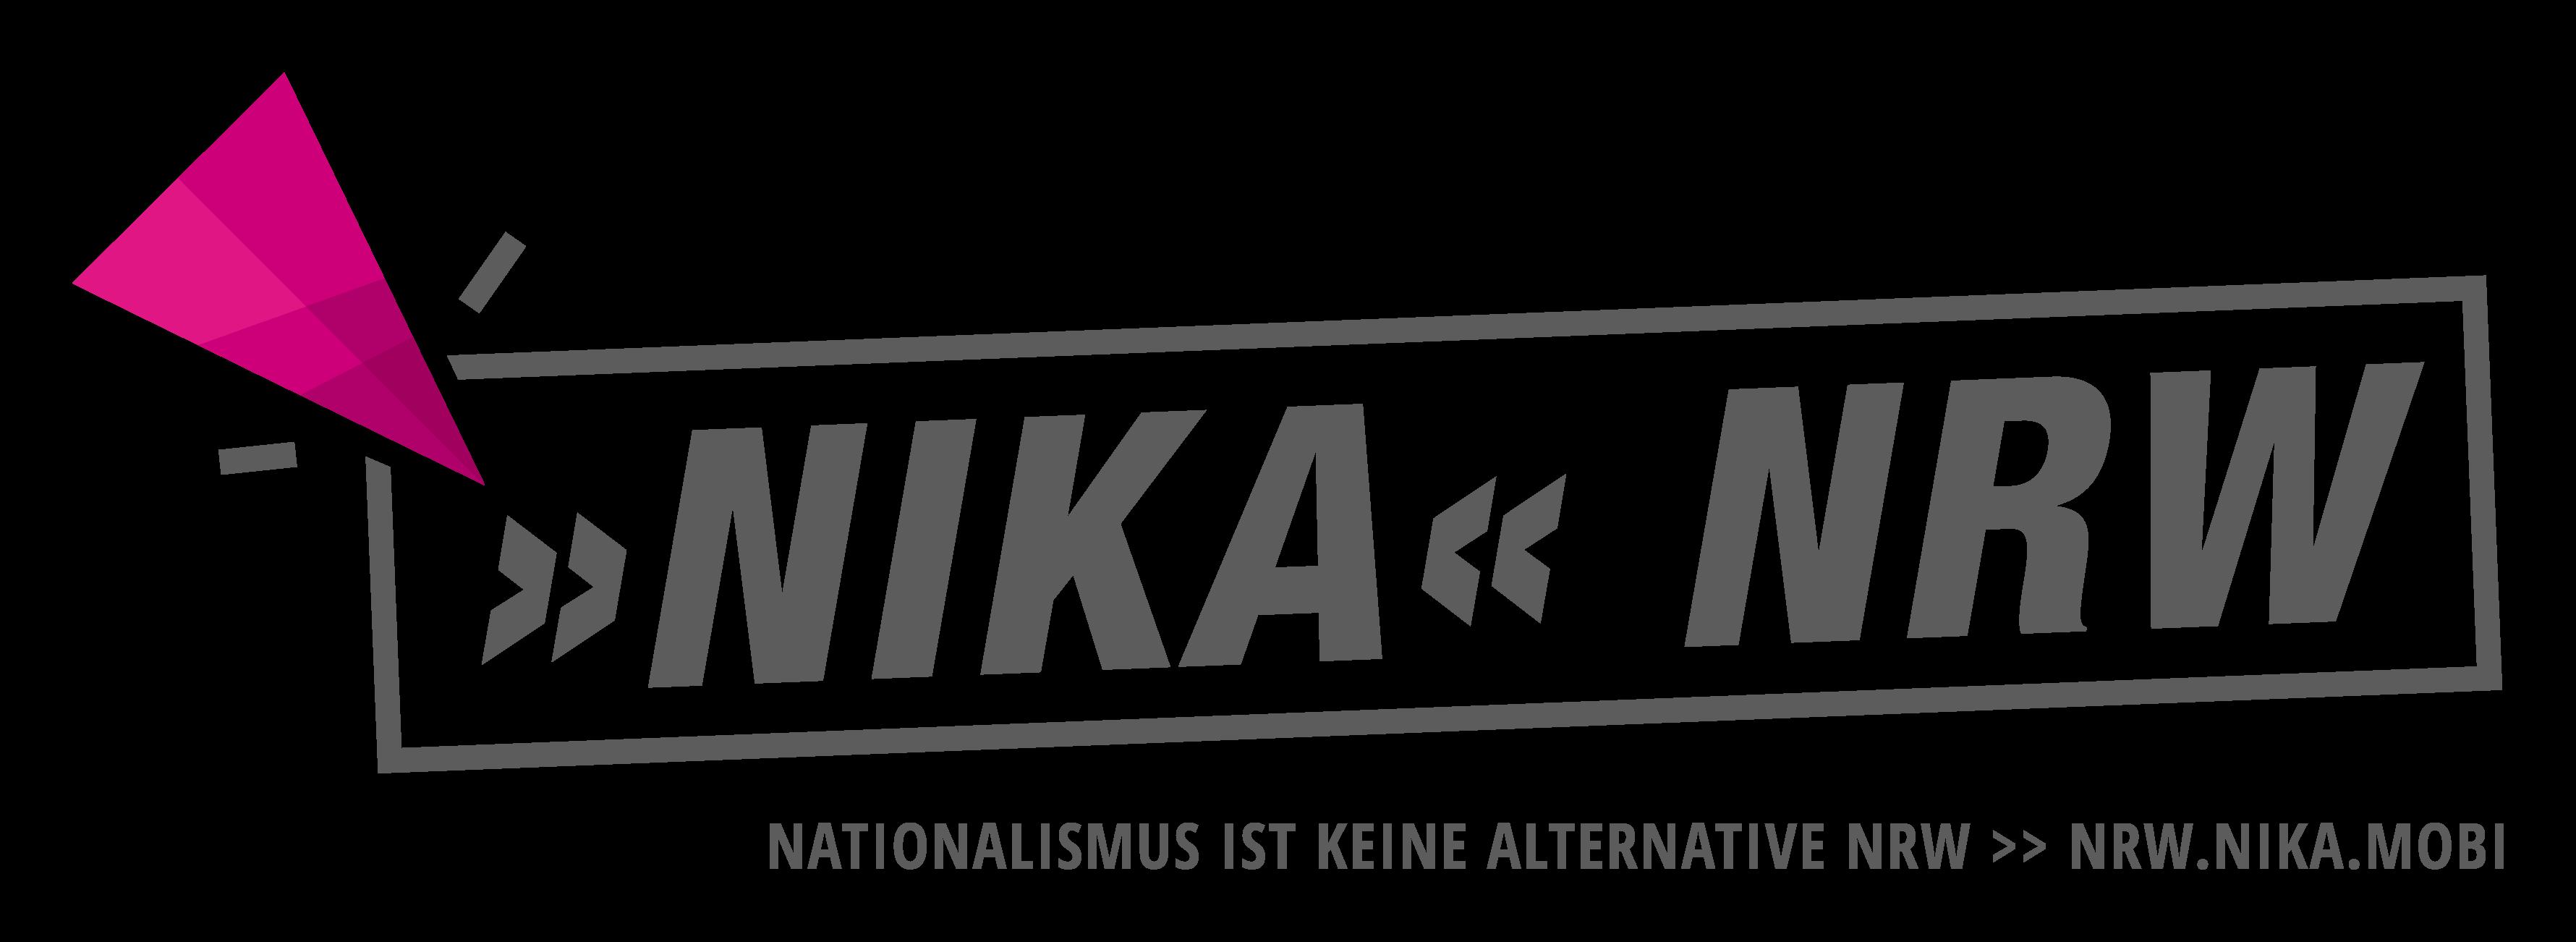 NIKA NRW Logo